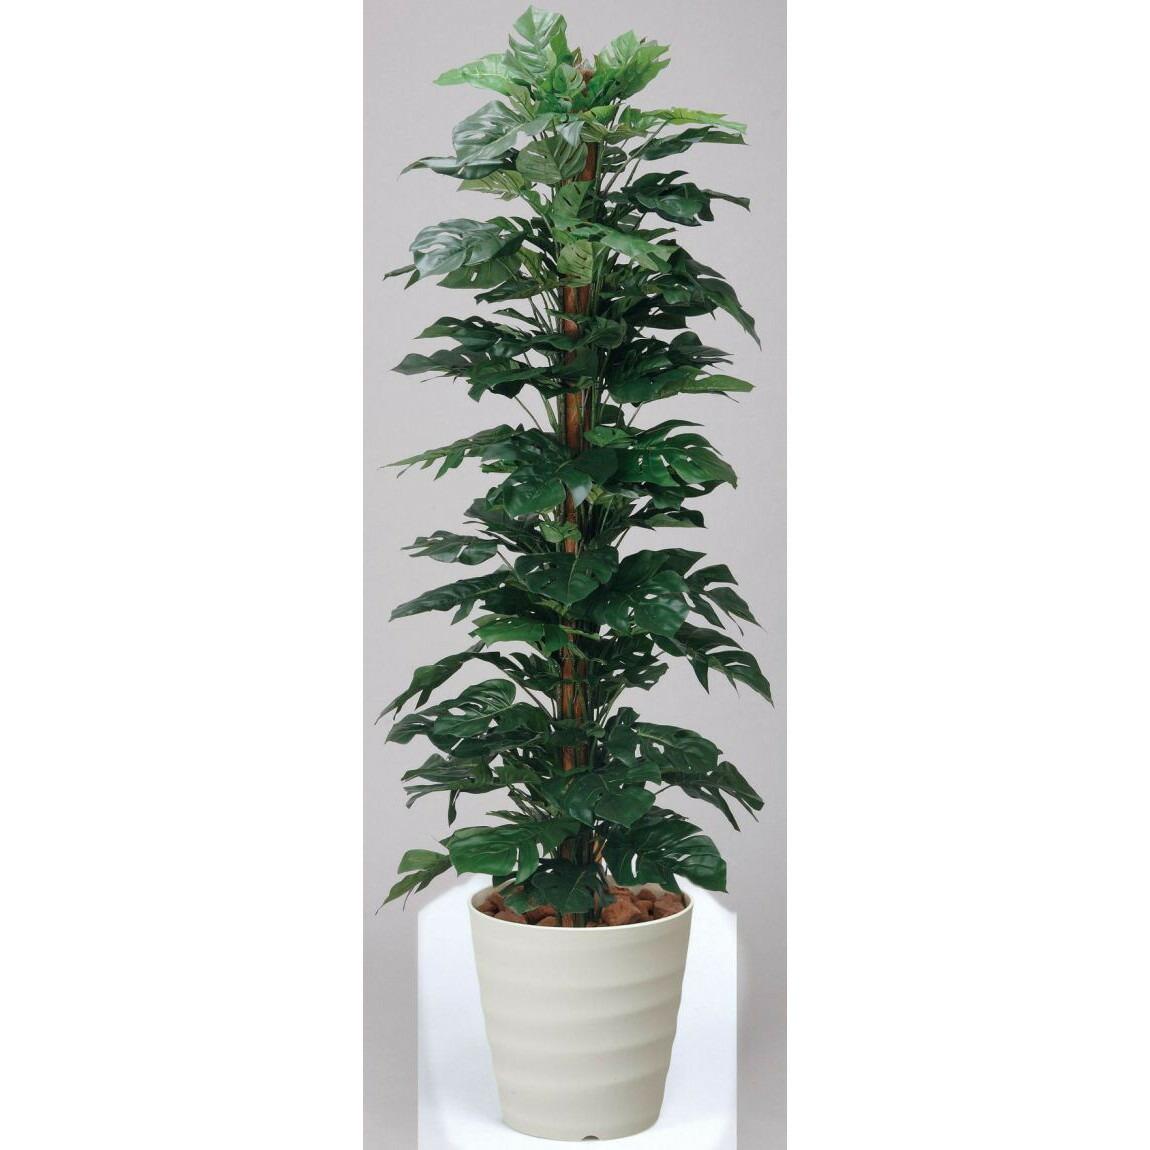 光触媒 光の楽園スプリットフィロ 1.8m【インテリアグリーン 人工観葉植物】